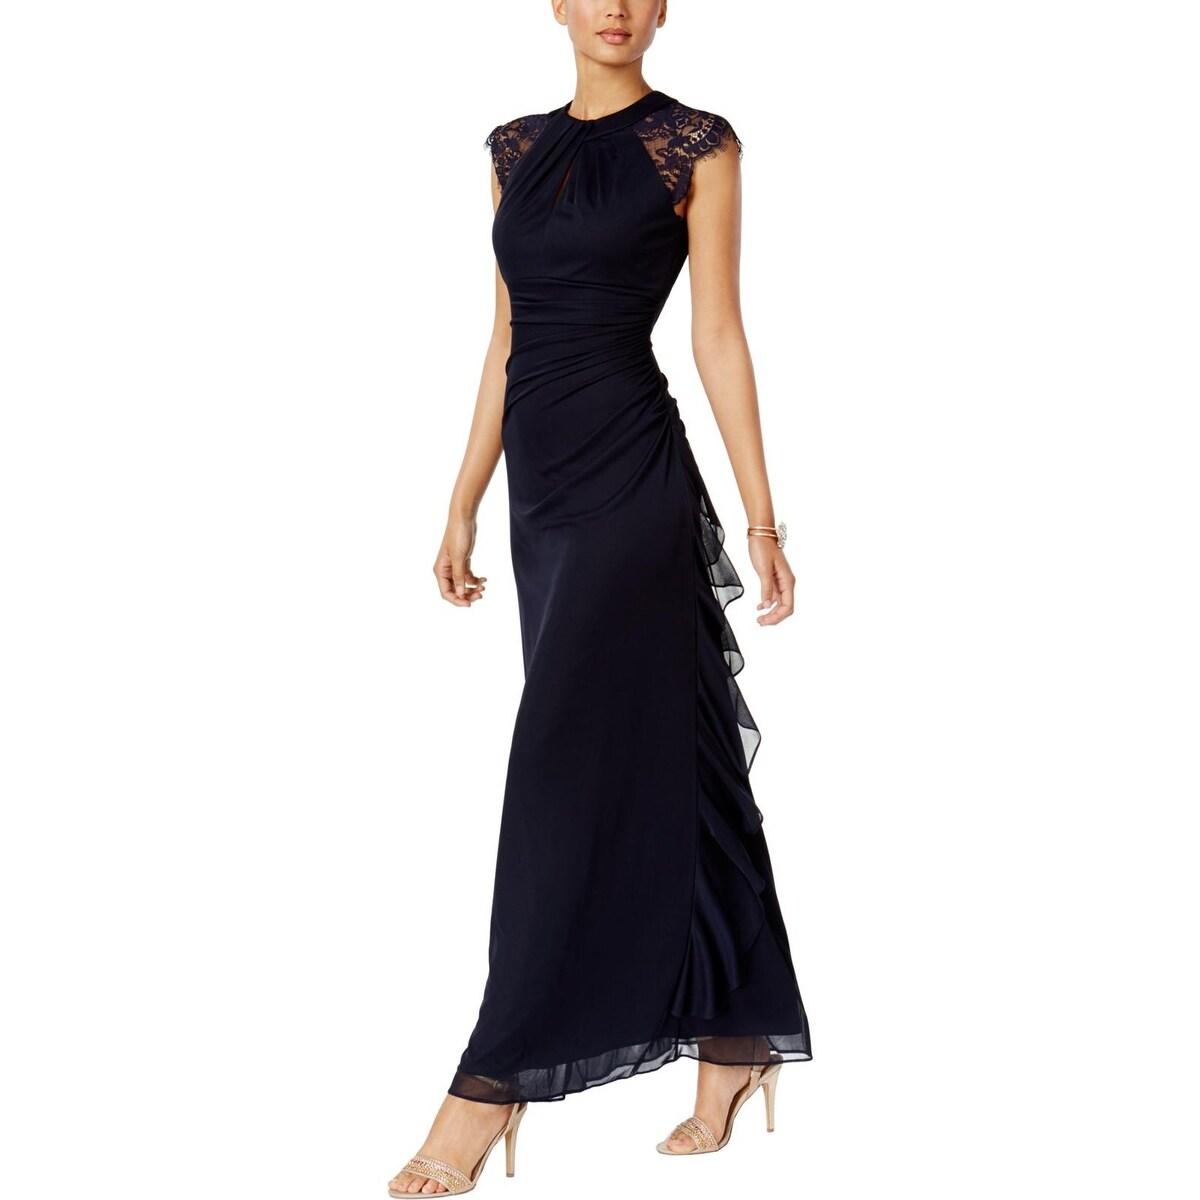 03d042fcebc Petite Party Dresses Size 4